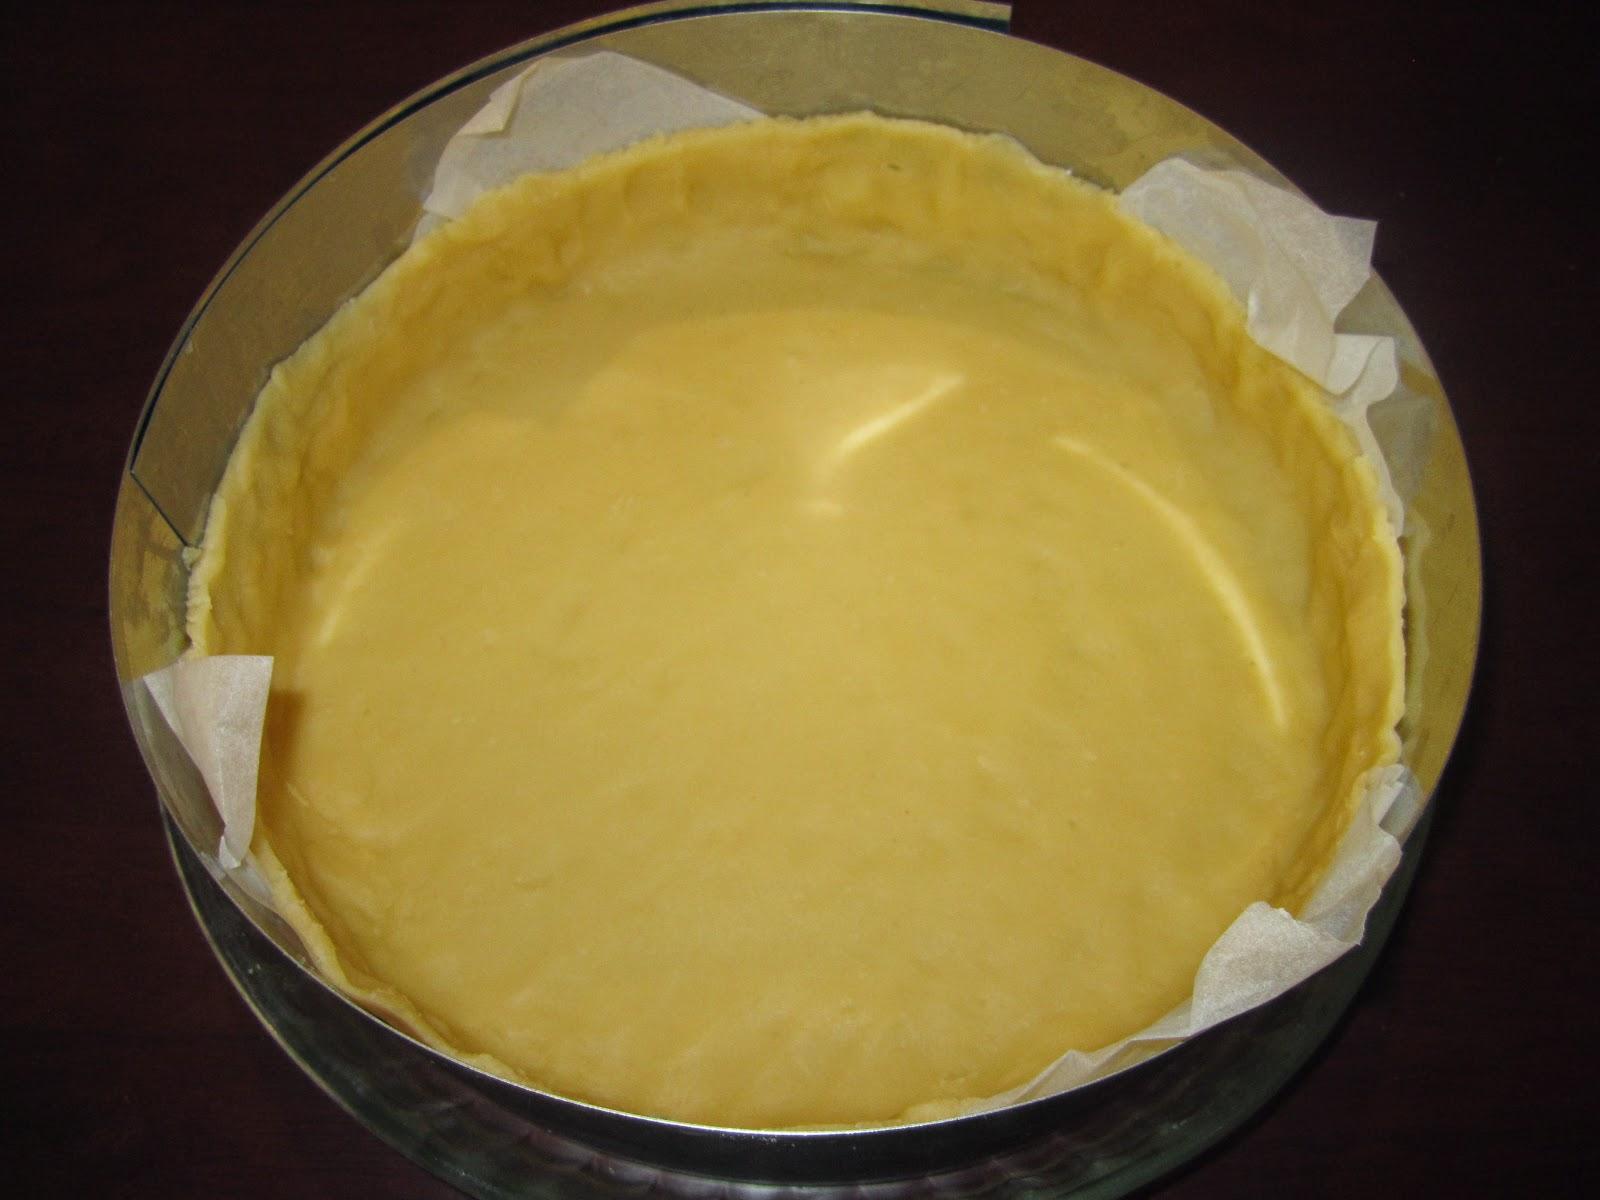 Foncez la pâte dans un moule à bords hauts